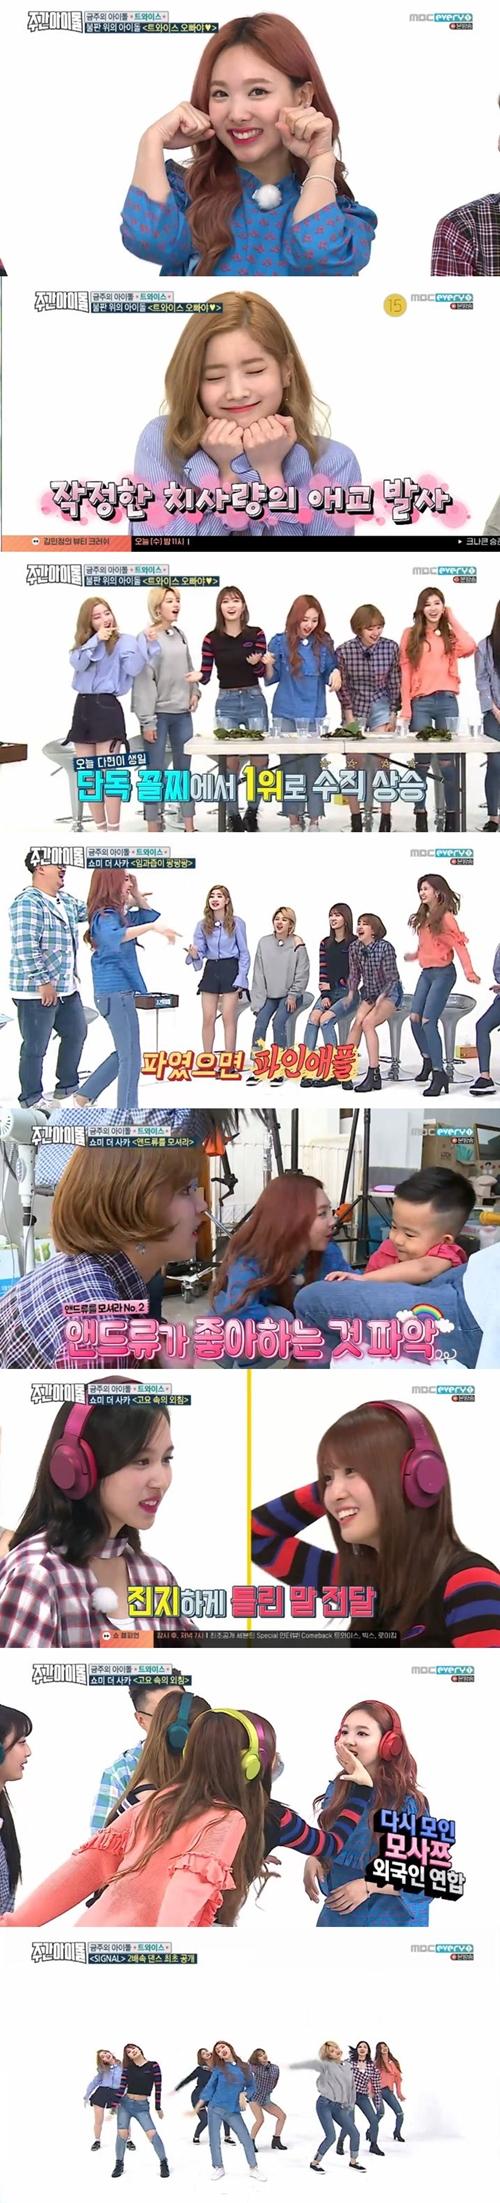 '주간아' 트와이스, 역대급 웃음 선물한 트둥이들의 '시그널' (종합)